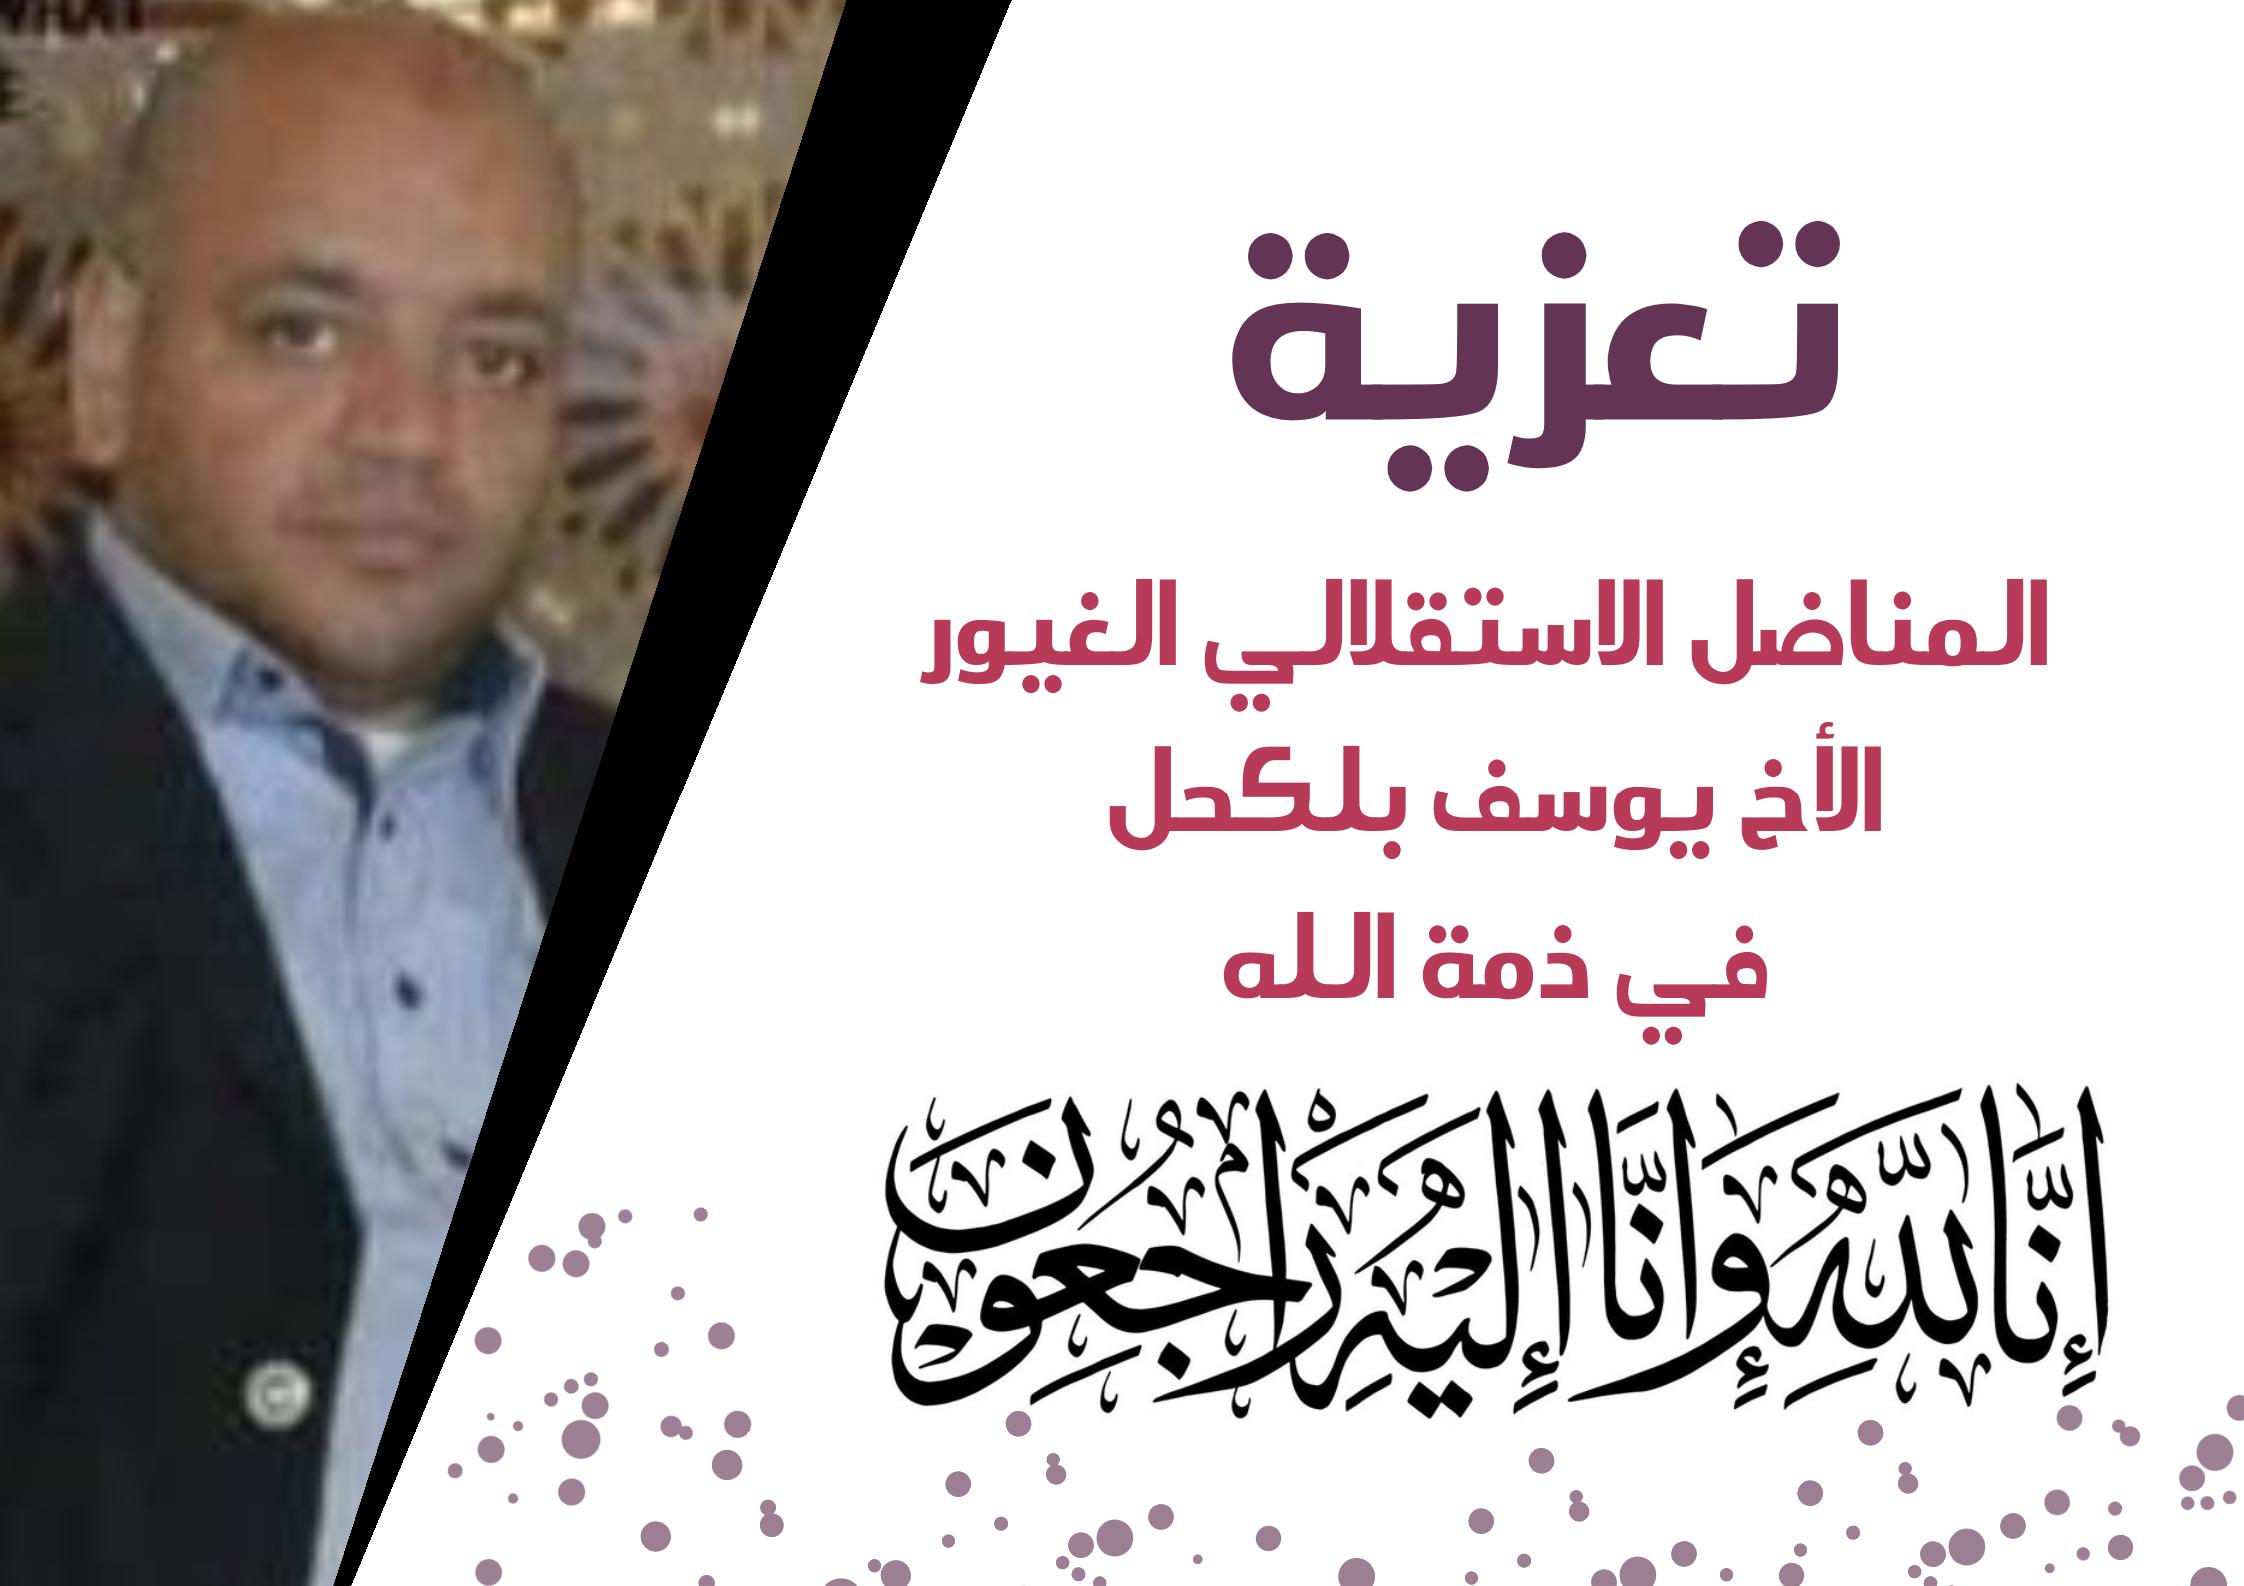 الأخ نزار بركة يقدم واجب العزاء لأسرة المناضل الاستقلالي الغيور الأخ يوسف بلكحل